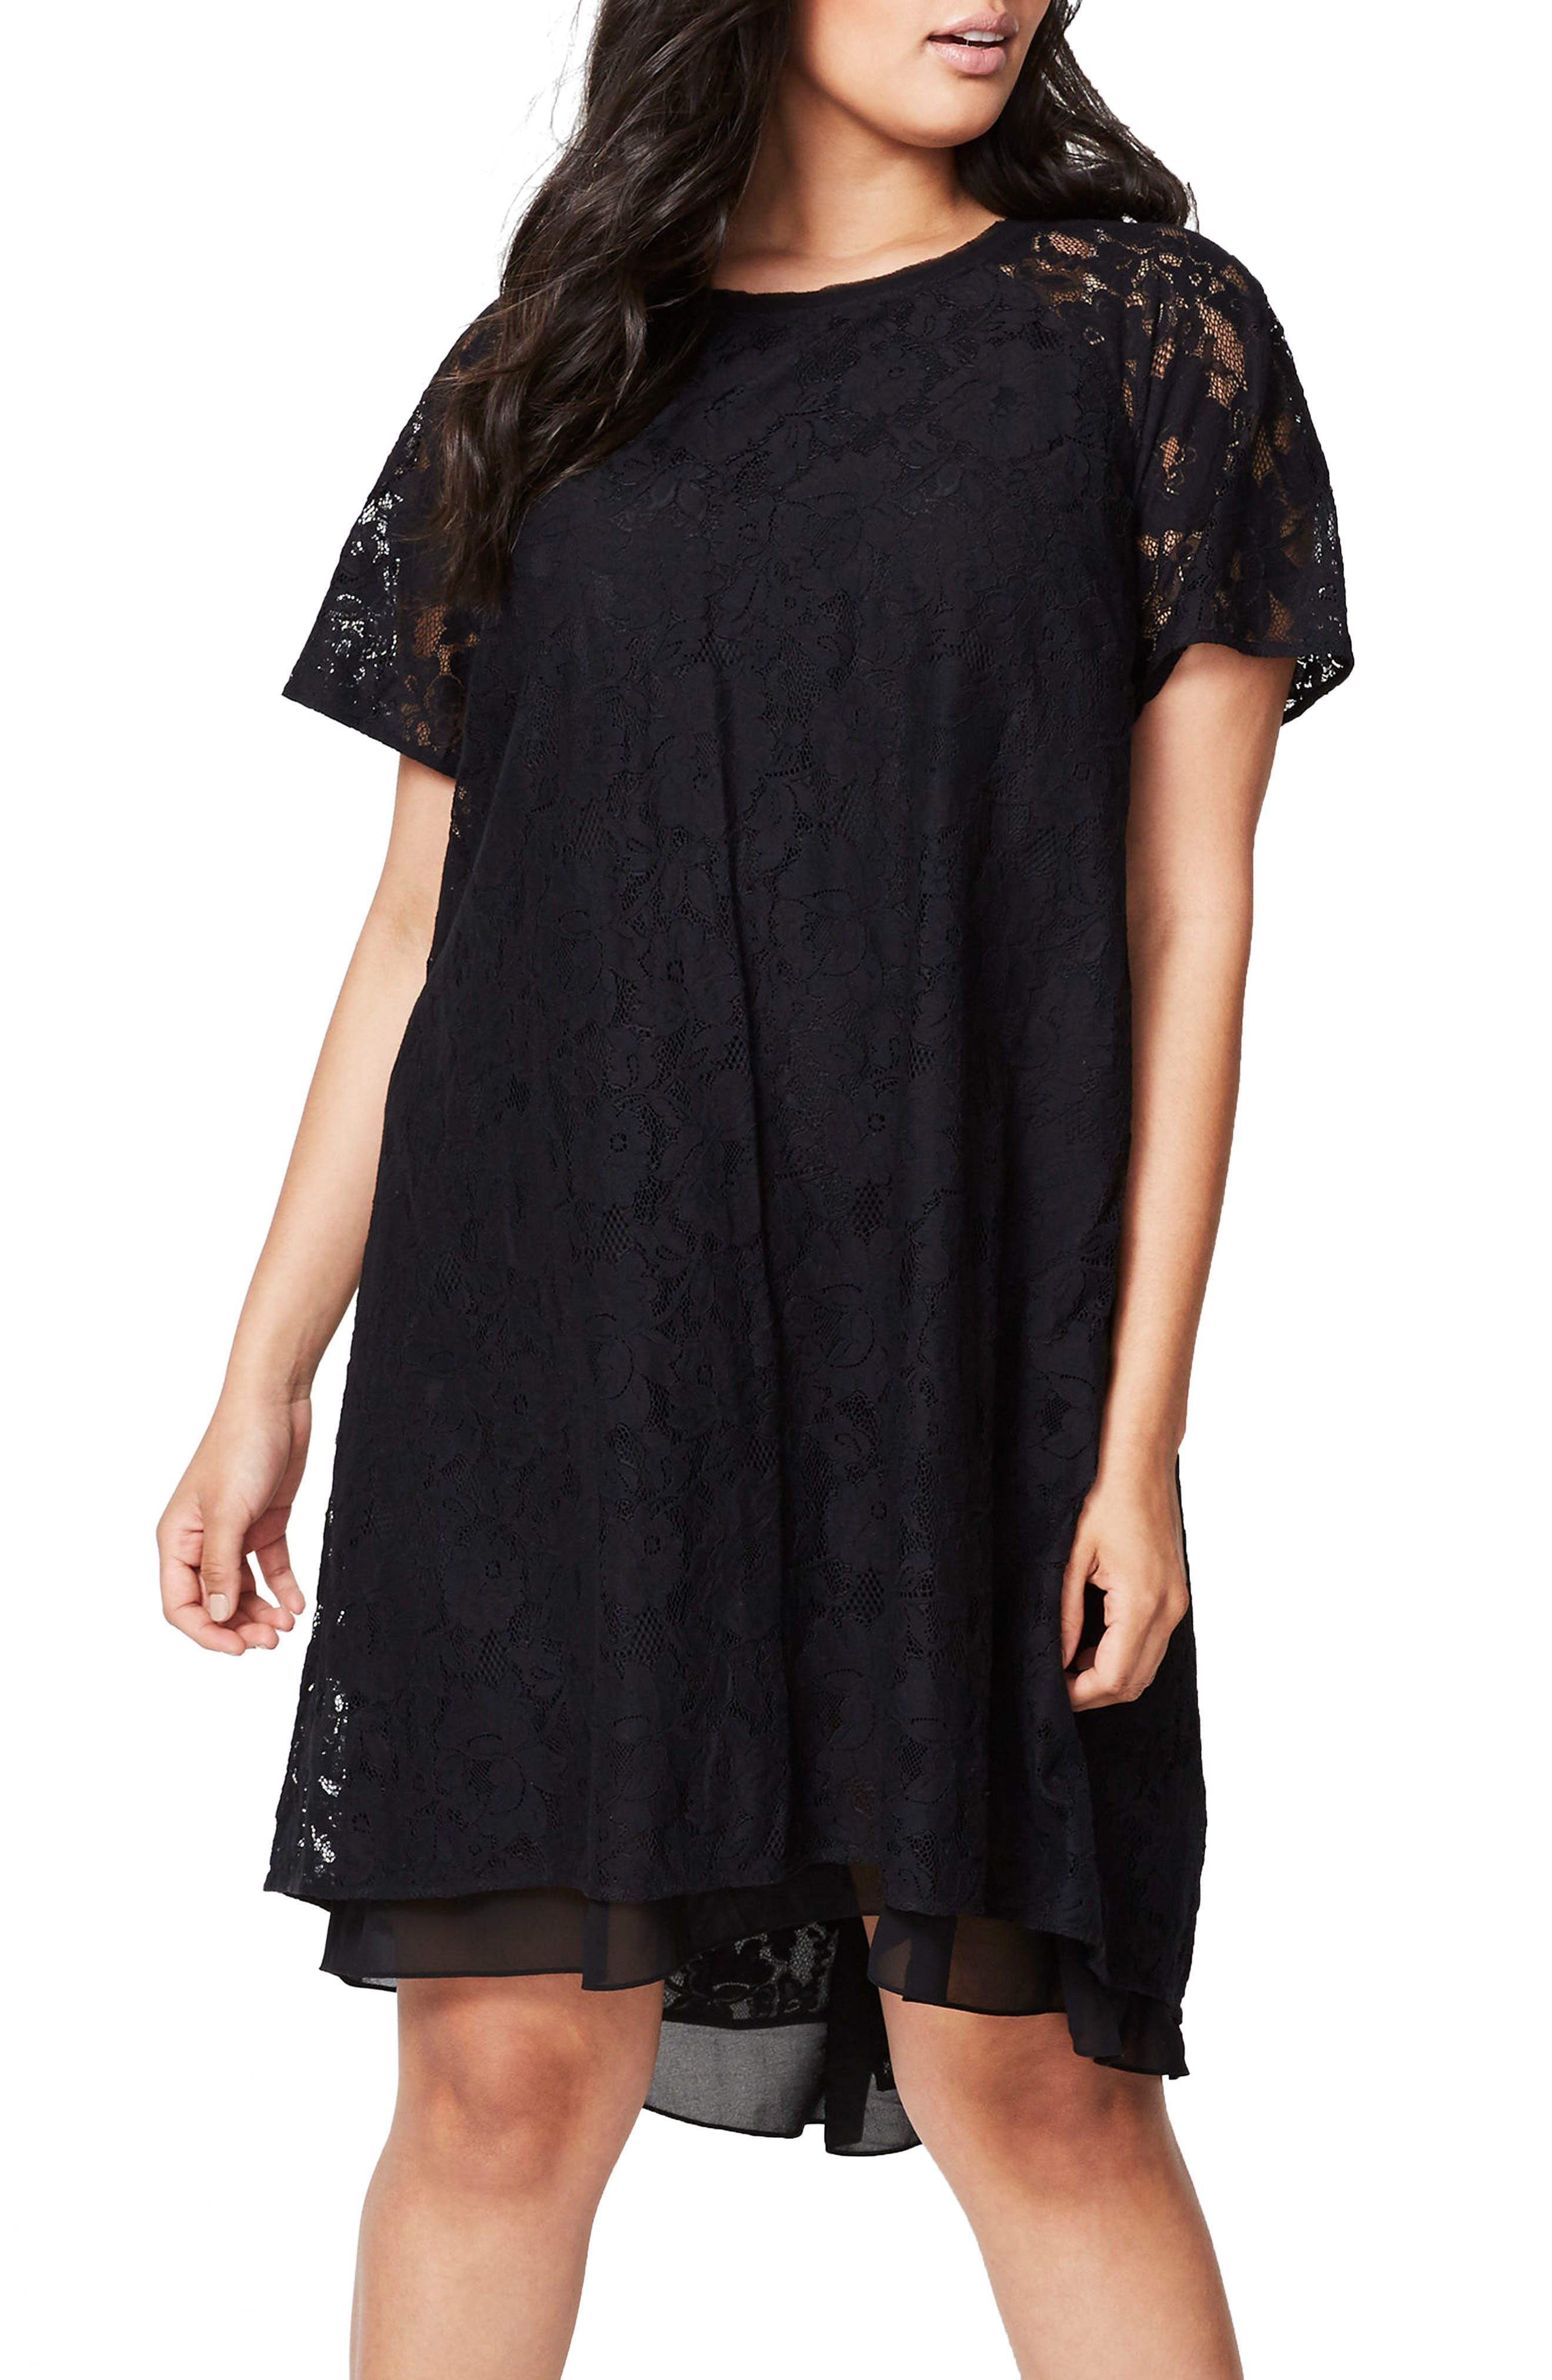 Alternate Image 1 Selected - RACHEL Rachel Roy A-Line Lace Dress (Plus Size)